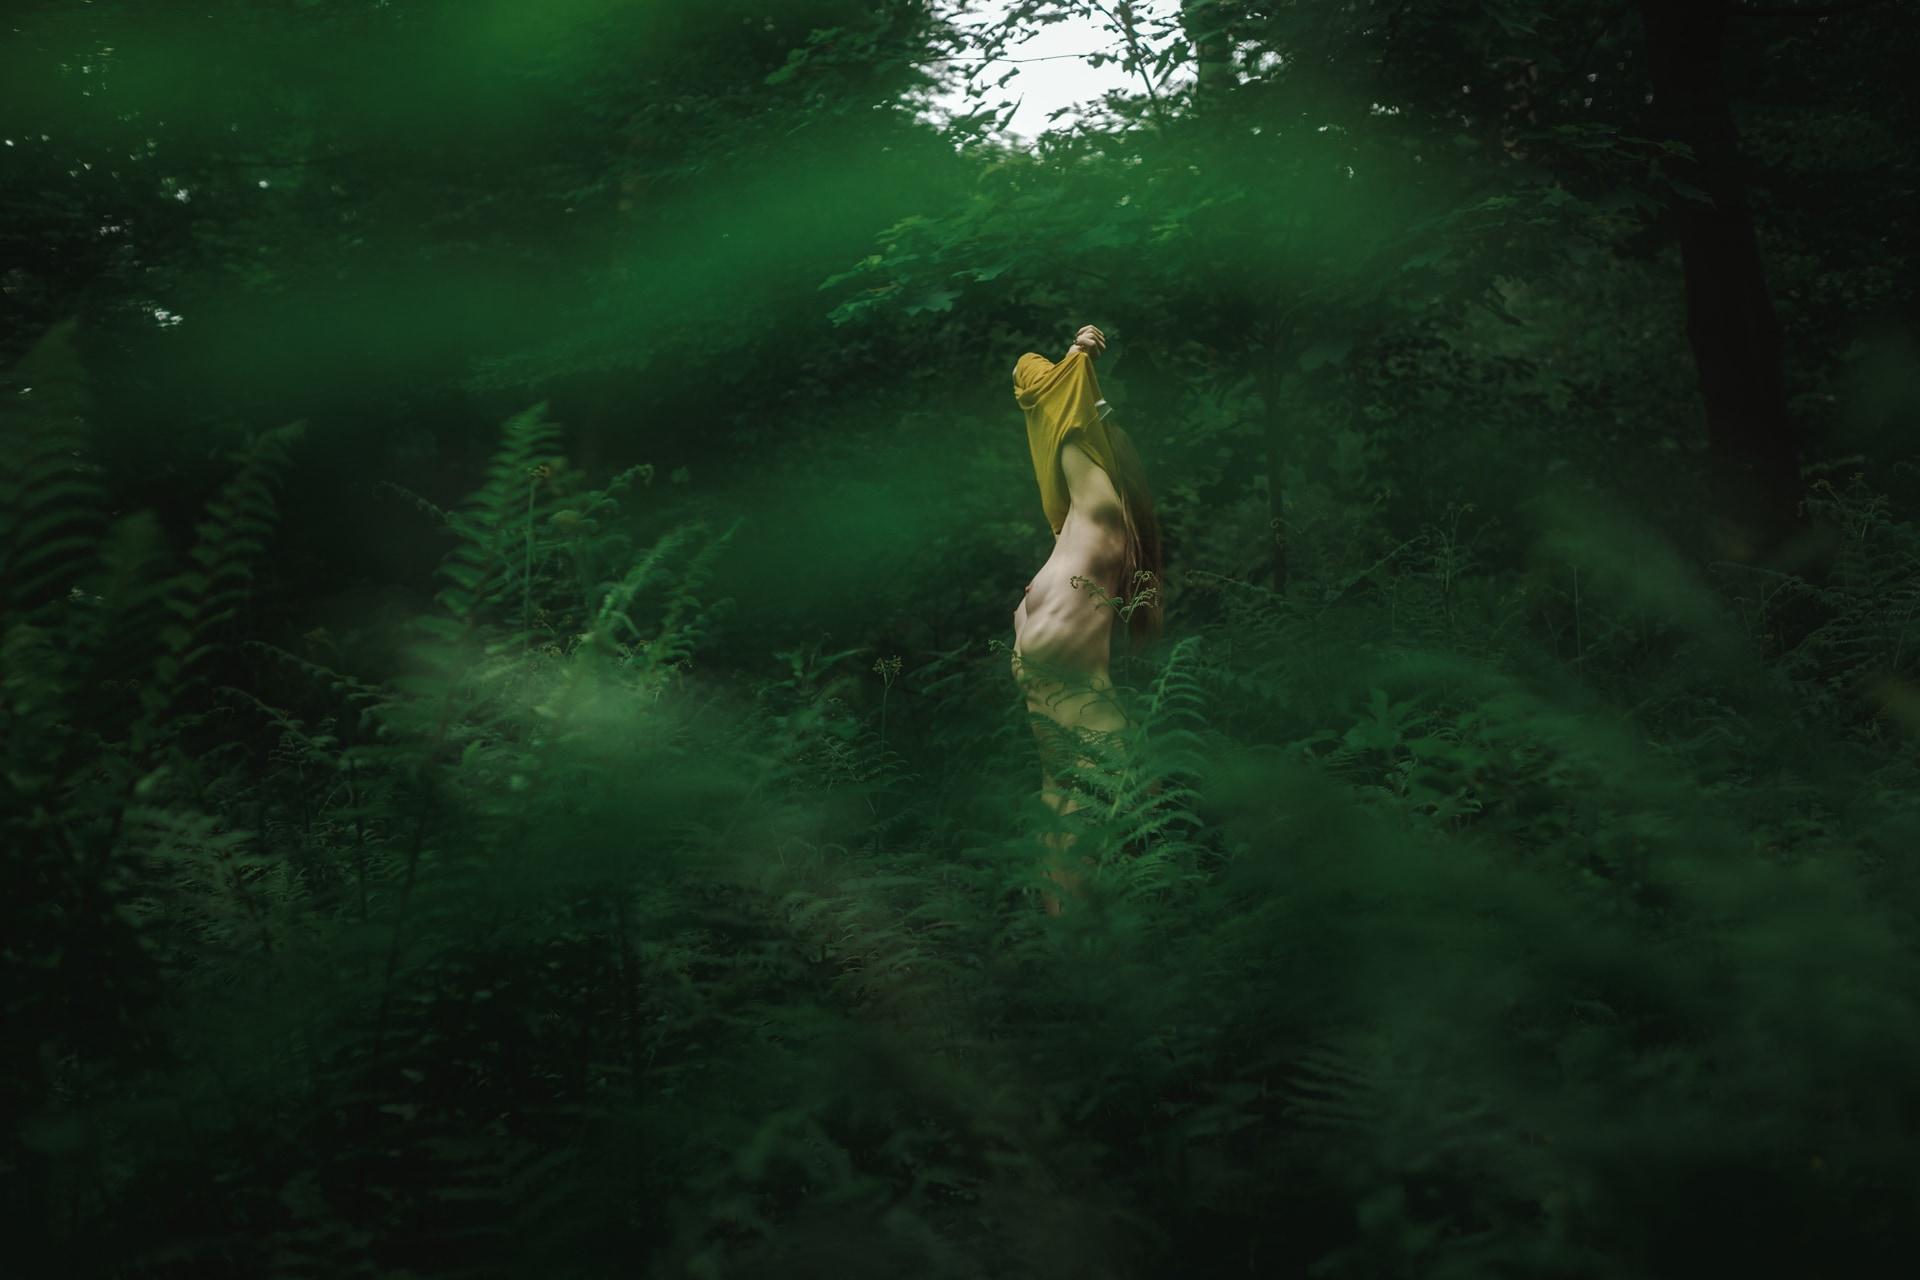 Mél - Forest - v1-photo-foret-nue-artistique-fougere-2